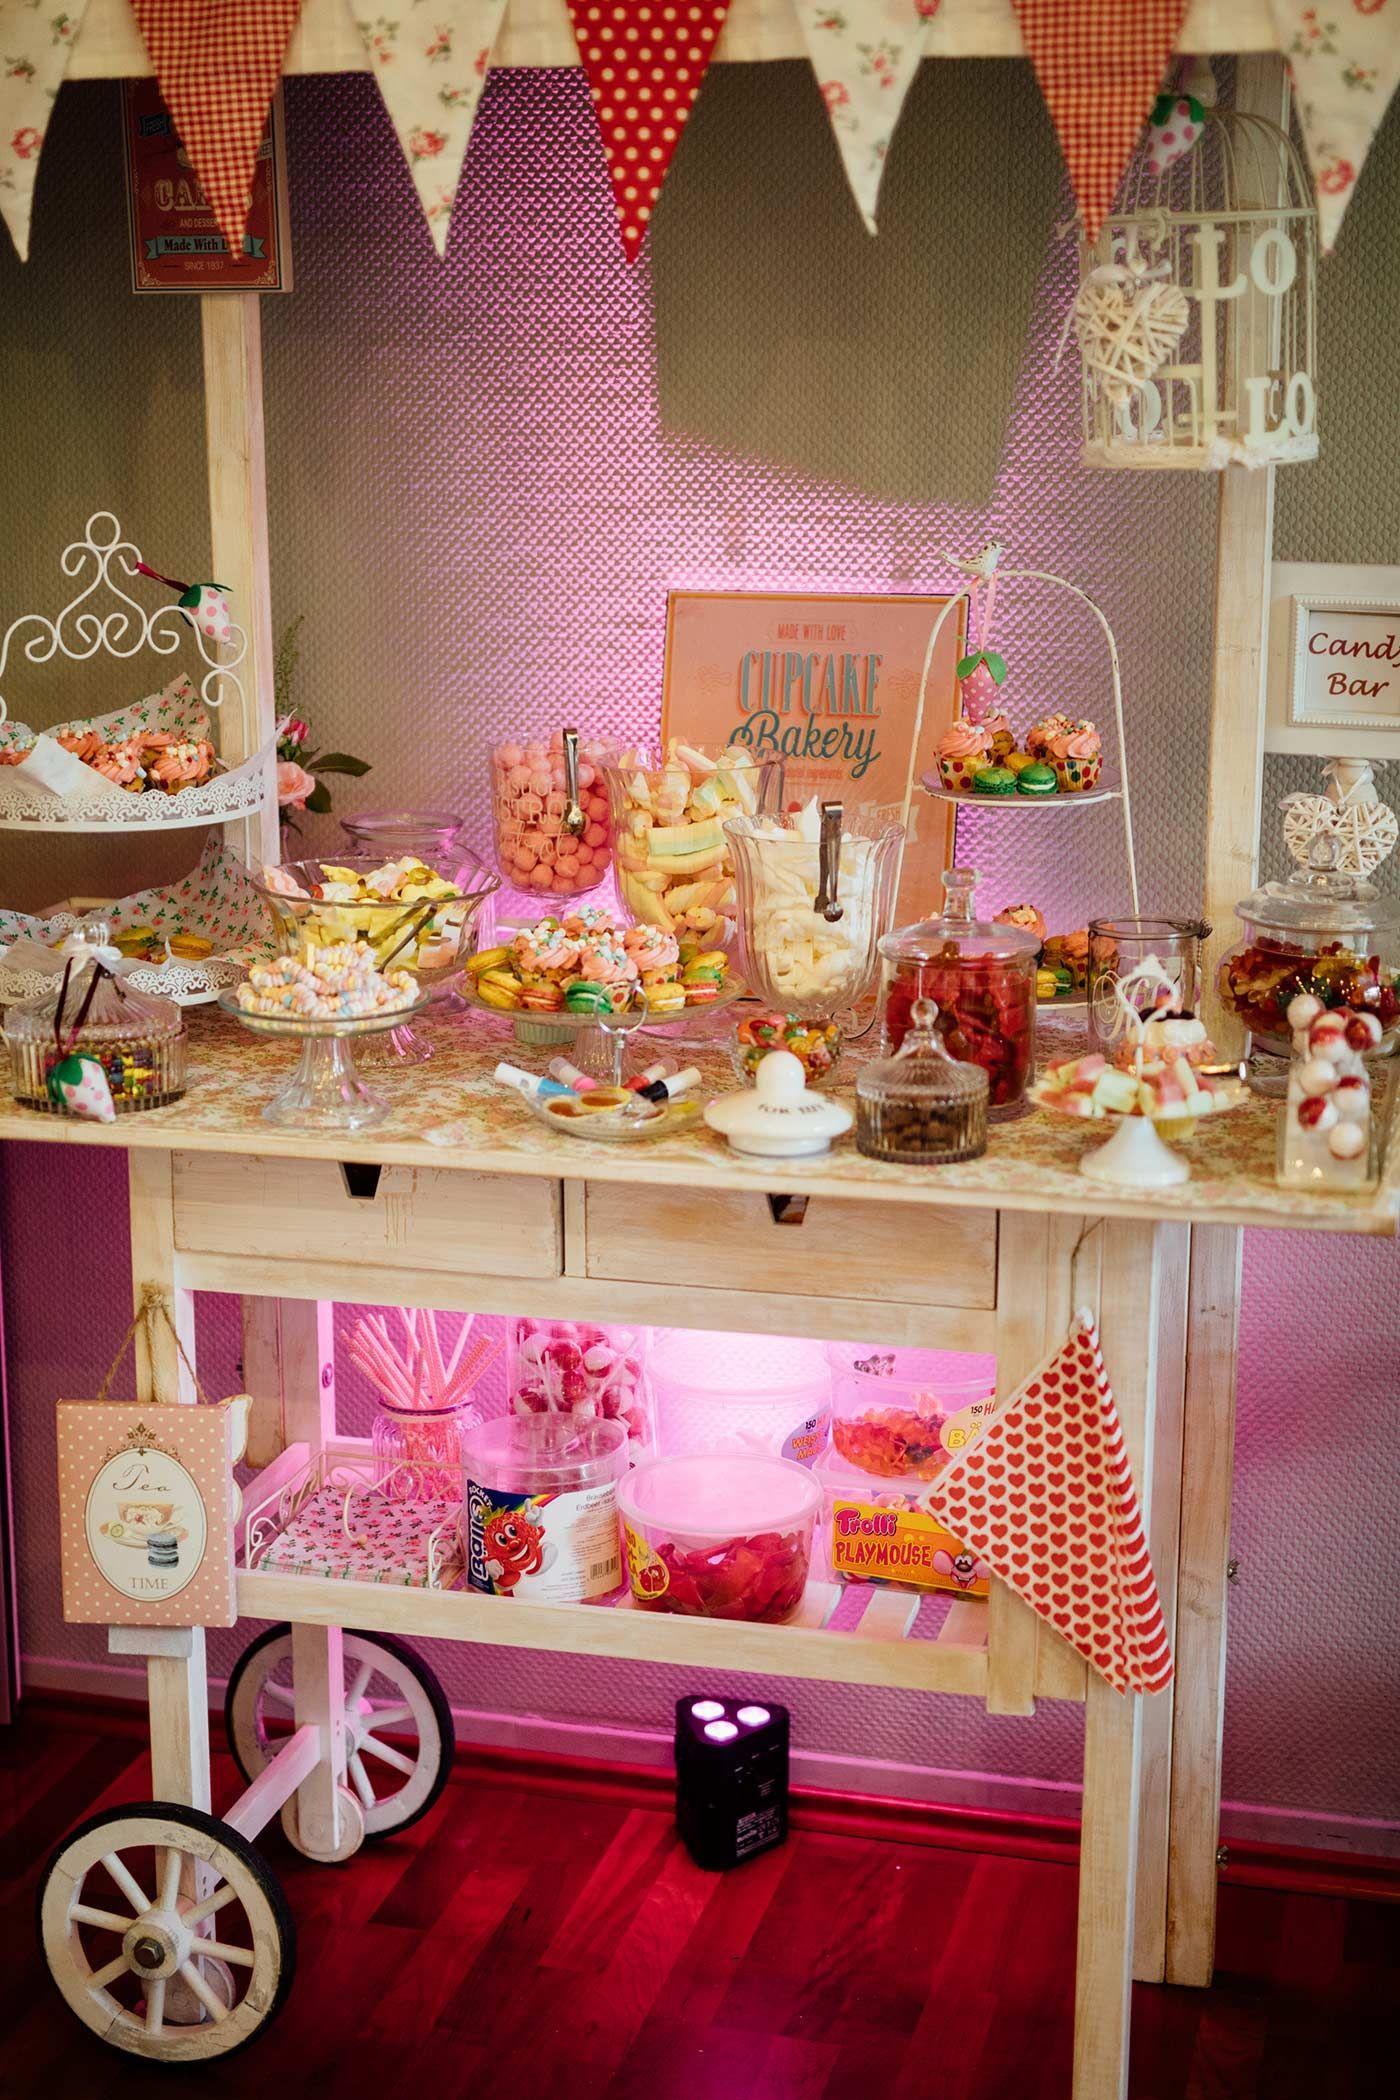 Candybar cart in 2020 | Hochzeit schokoriegel, Candy bar